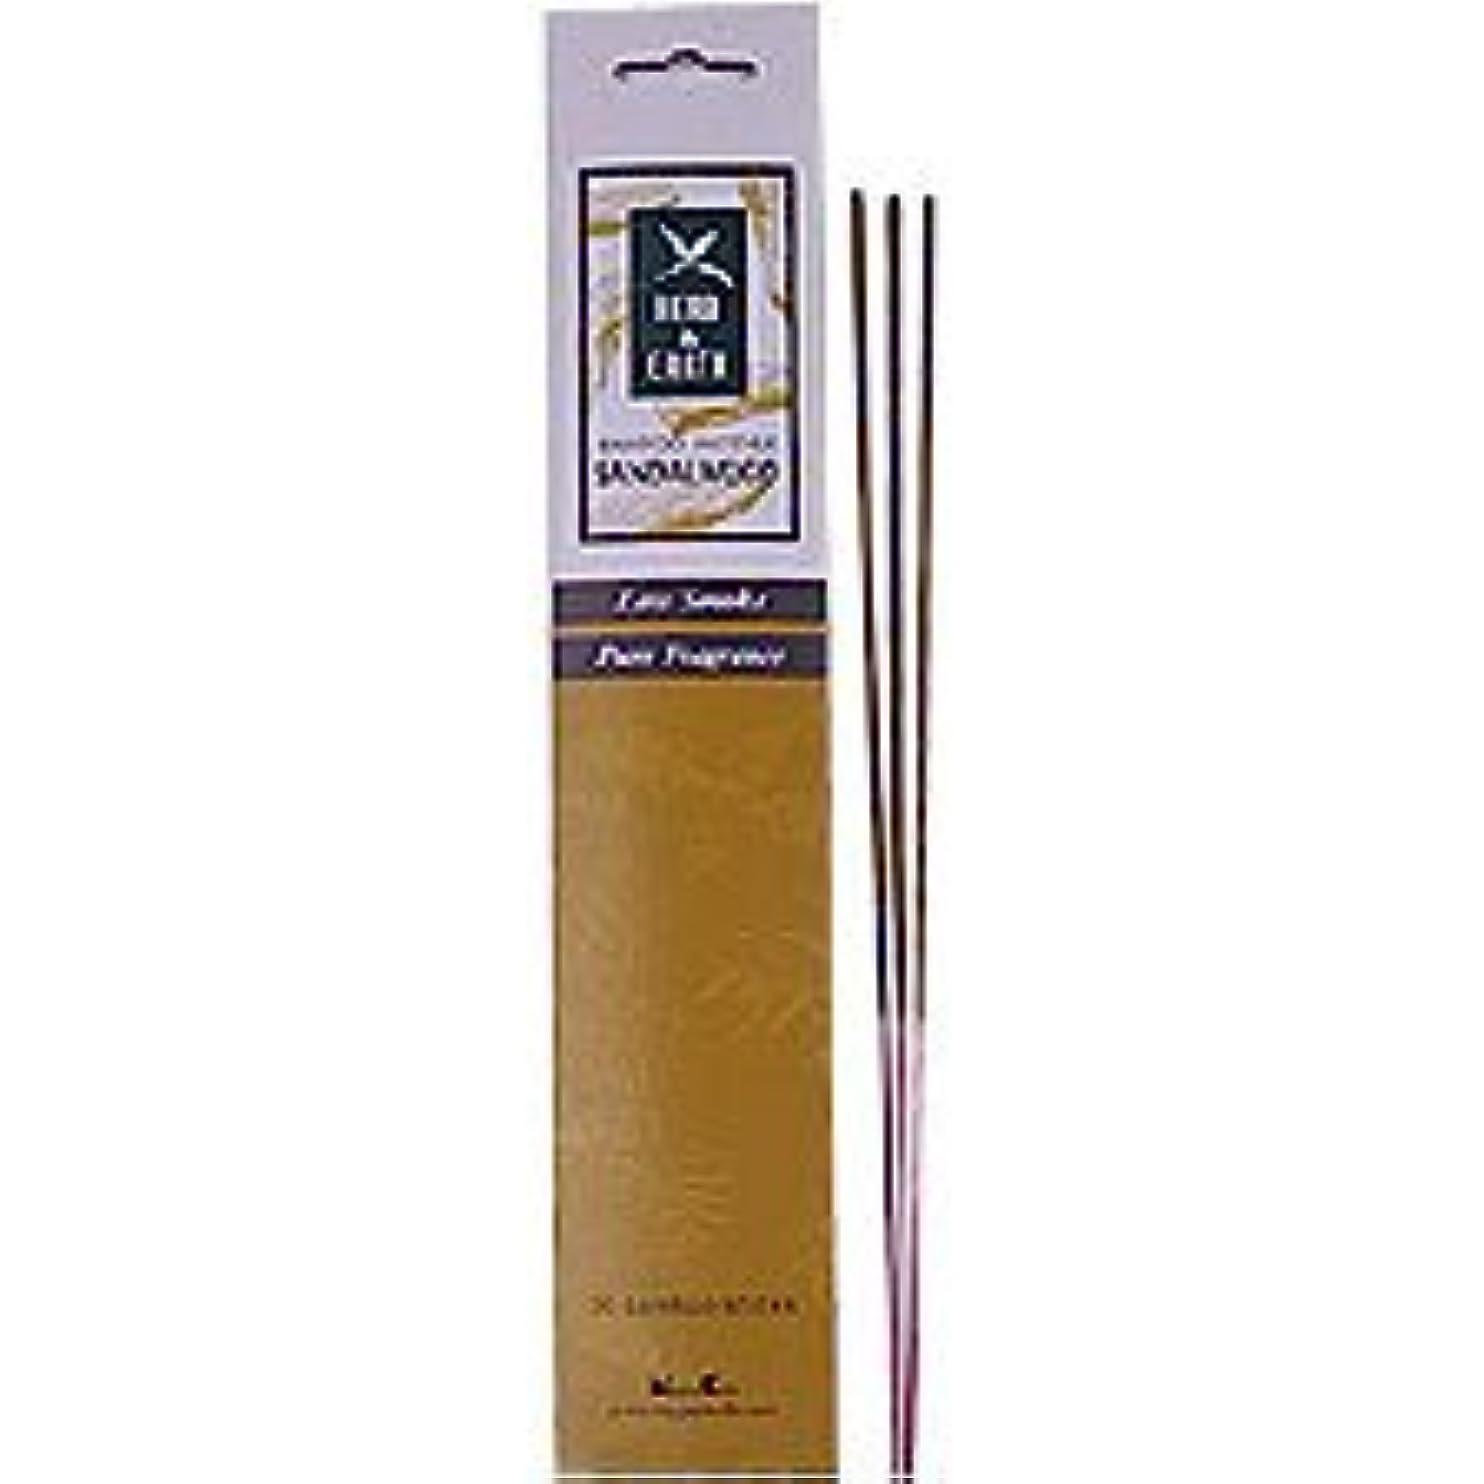 激怒繊細特殊Sandalwood - Herb and Earth Incense From Nippon Kodo - 20 Stick Package by Herb & Earth [並行輸入品]